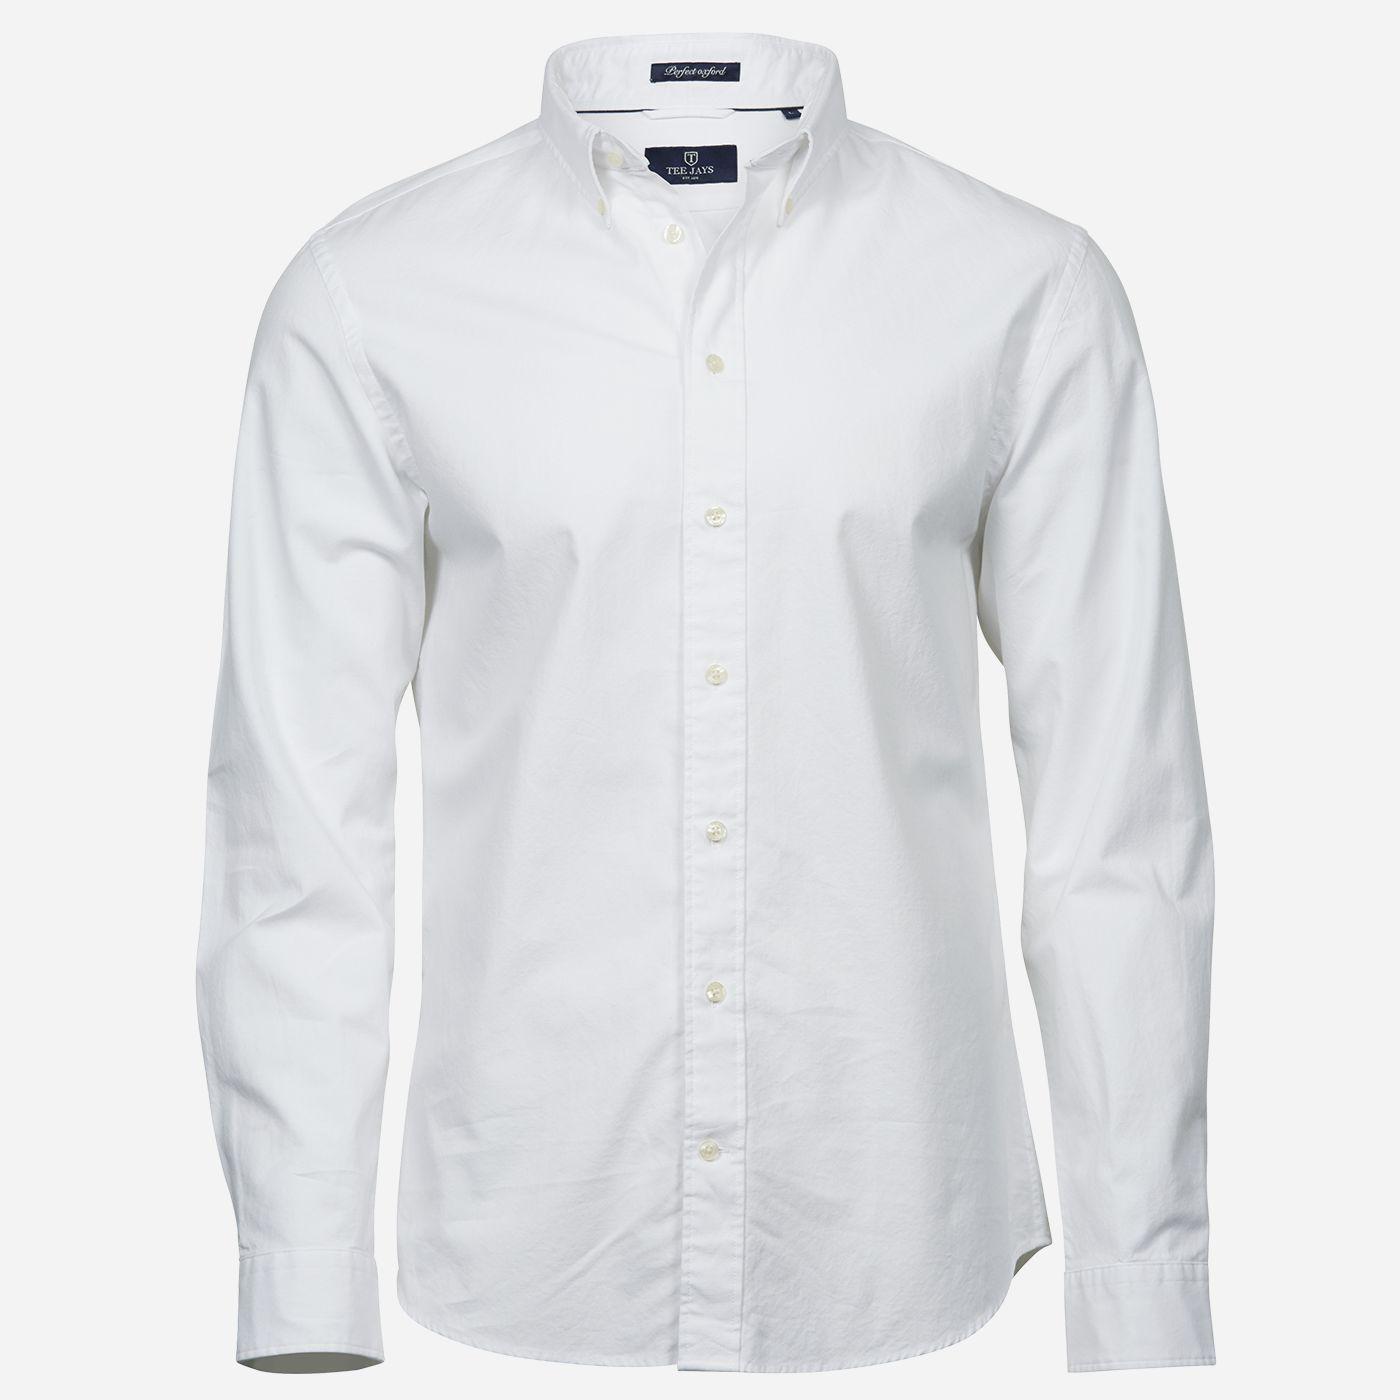 Biela oxford košeľa Tee Jays, Slim fit Veľkosť: XXL 45/46